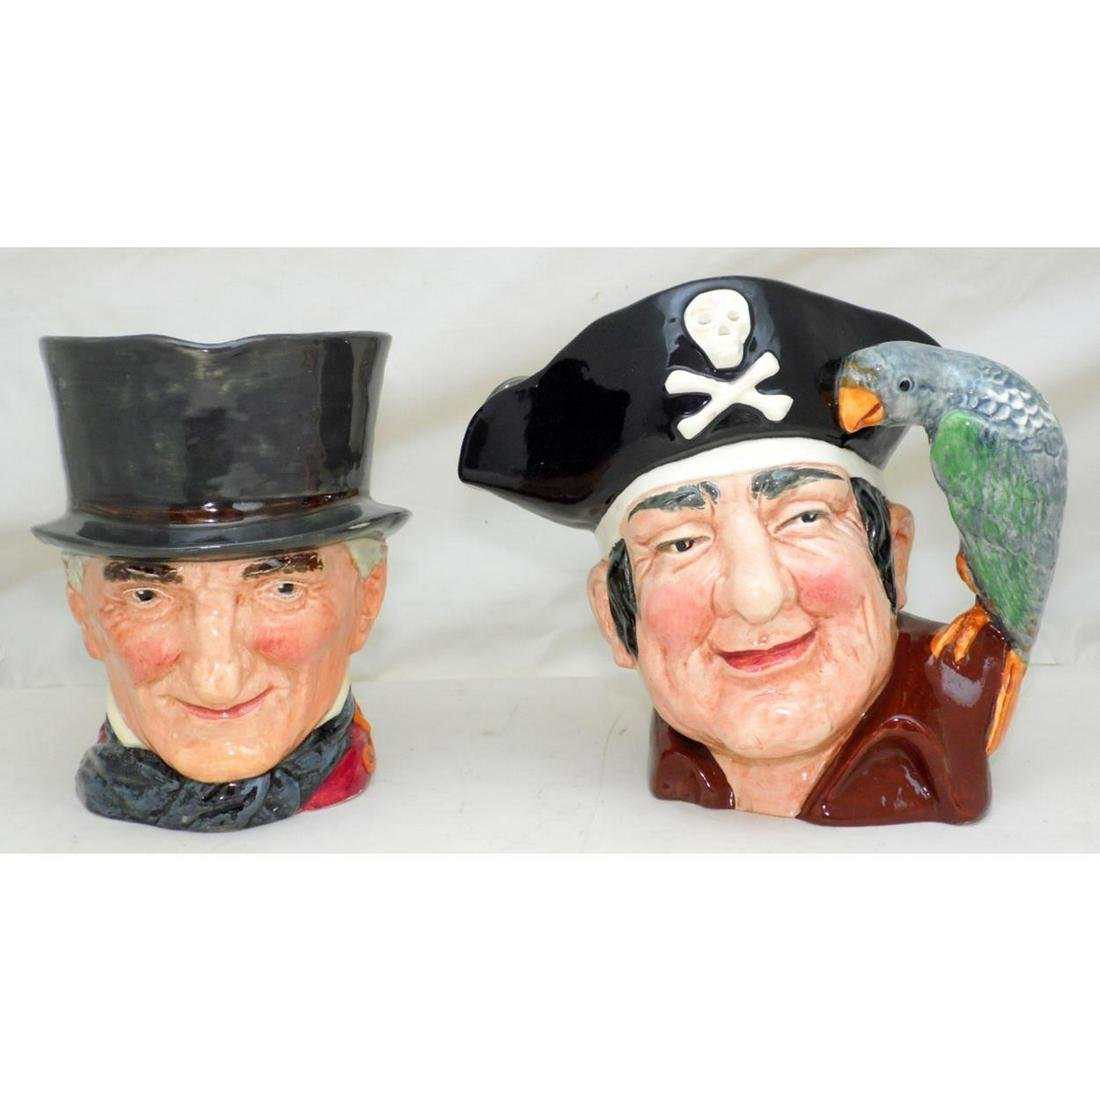 Royal Doulton Large Character Jugs